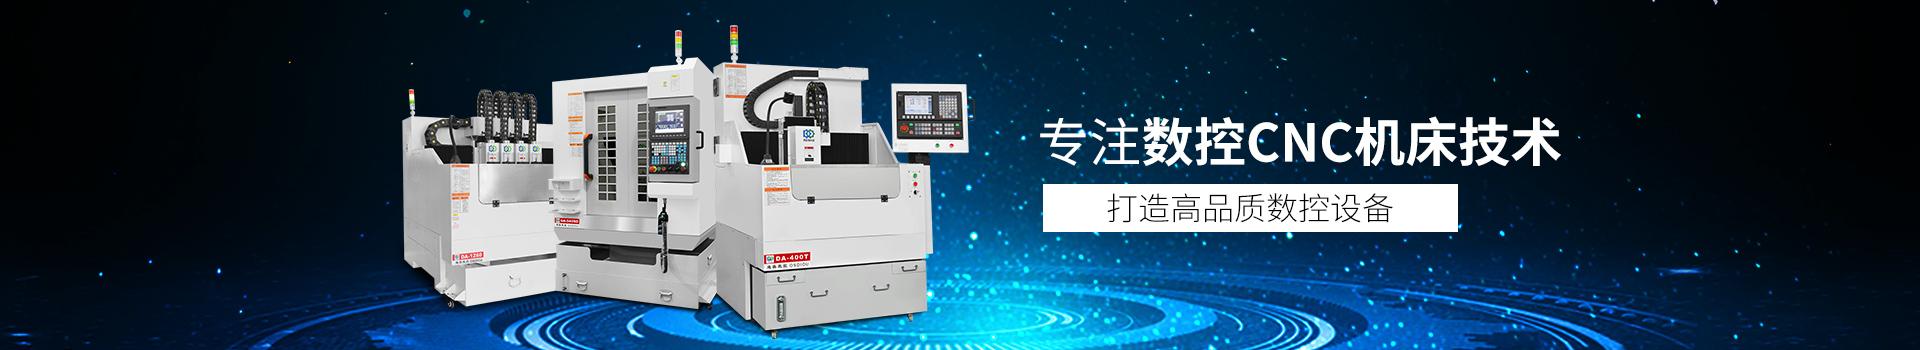 迪奥数控-专注数控CNC机床技术